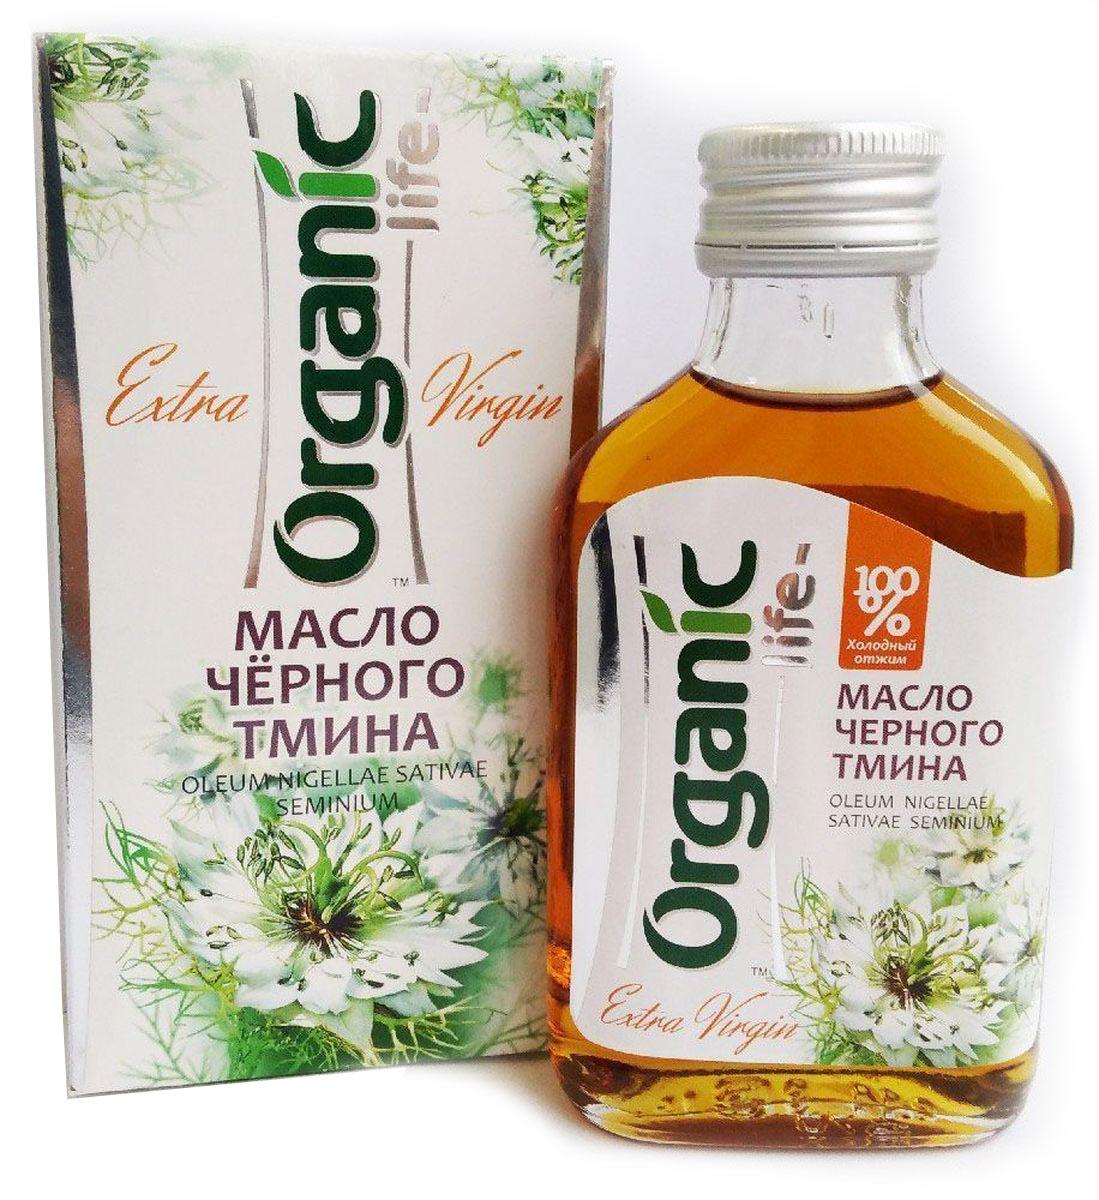 Organic Life масло черного тмина, 100 мл212034Масло черного тмина содержит незаменимые Омега-6 и Омега-9 полиненасыщенные жирные кислоты, витамины Е, А, витамины группы В, микроэлементы и благотворные для дыхательной системы эфирные масла. Уникальный состав делает масло черного тмина натуральным иммуностимулятором, оно обладает выраженным бактерицидным и антисептическим действием. Масло способствует профилактике в период массовых простудных заболеваний, повышает жизненный тонус, снижает уровень холестерина, помогает избавлению от паразитов. Масло черного тмина улучшает обмен веществ, что способствует снижению веса. Способ применения: по 1/2 ч.л. 2 раза в день.